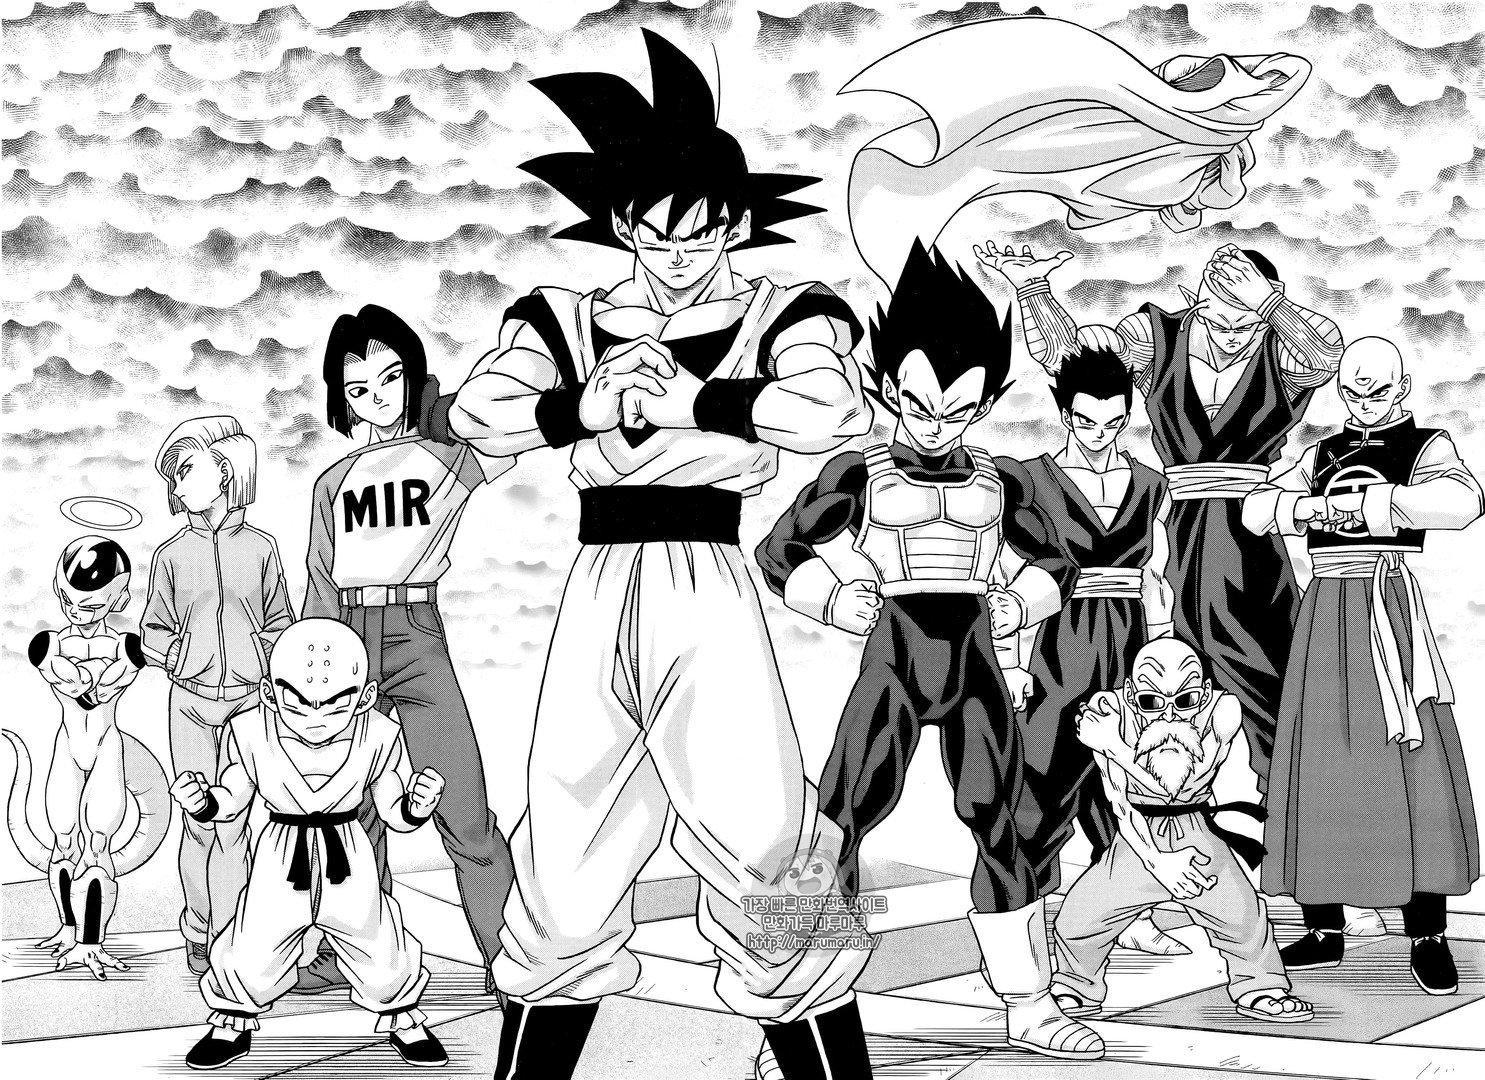 Universo 7 - Dragon Ball Super Mangá - Capítulo 33